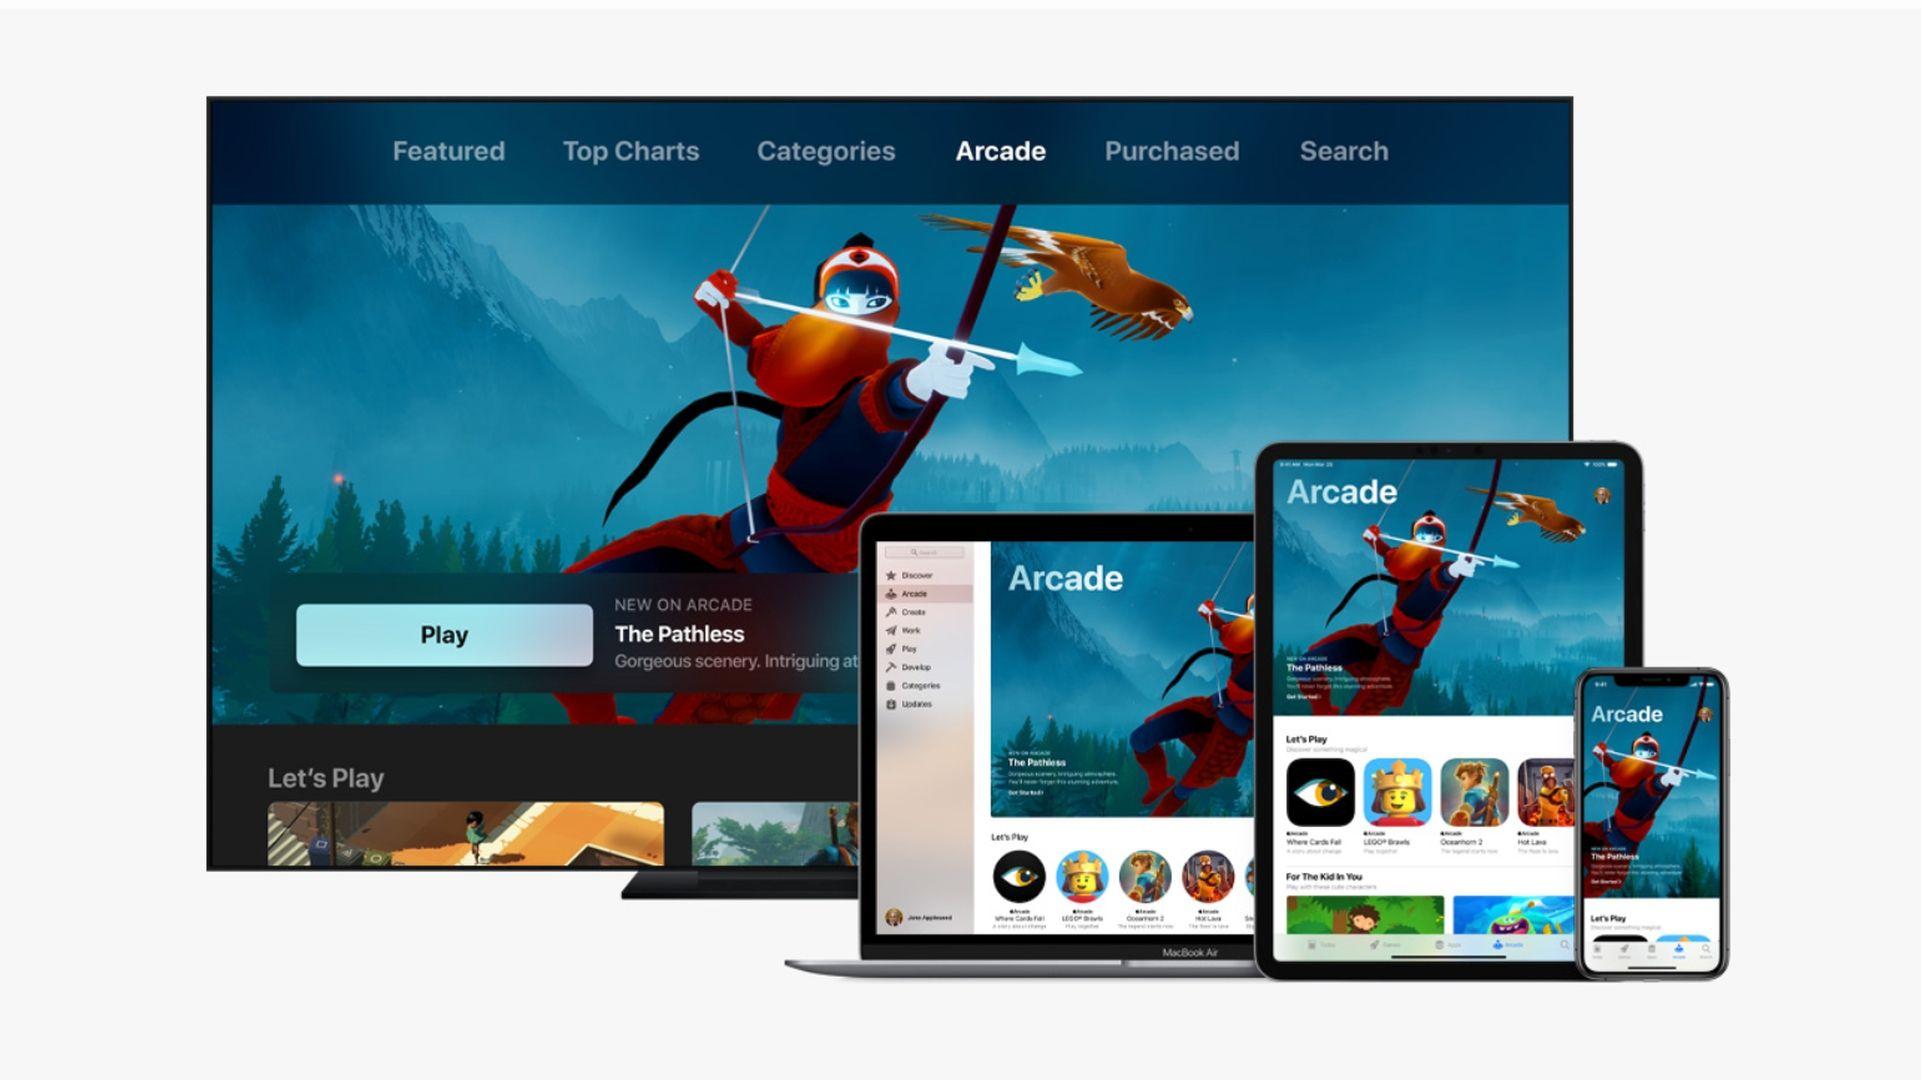 Pięć nowych gier dostępnych w usłudze Apple Arcade